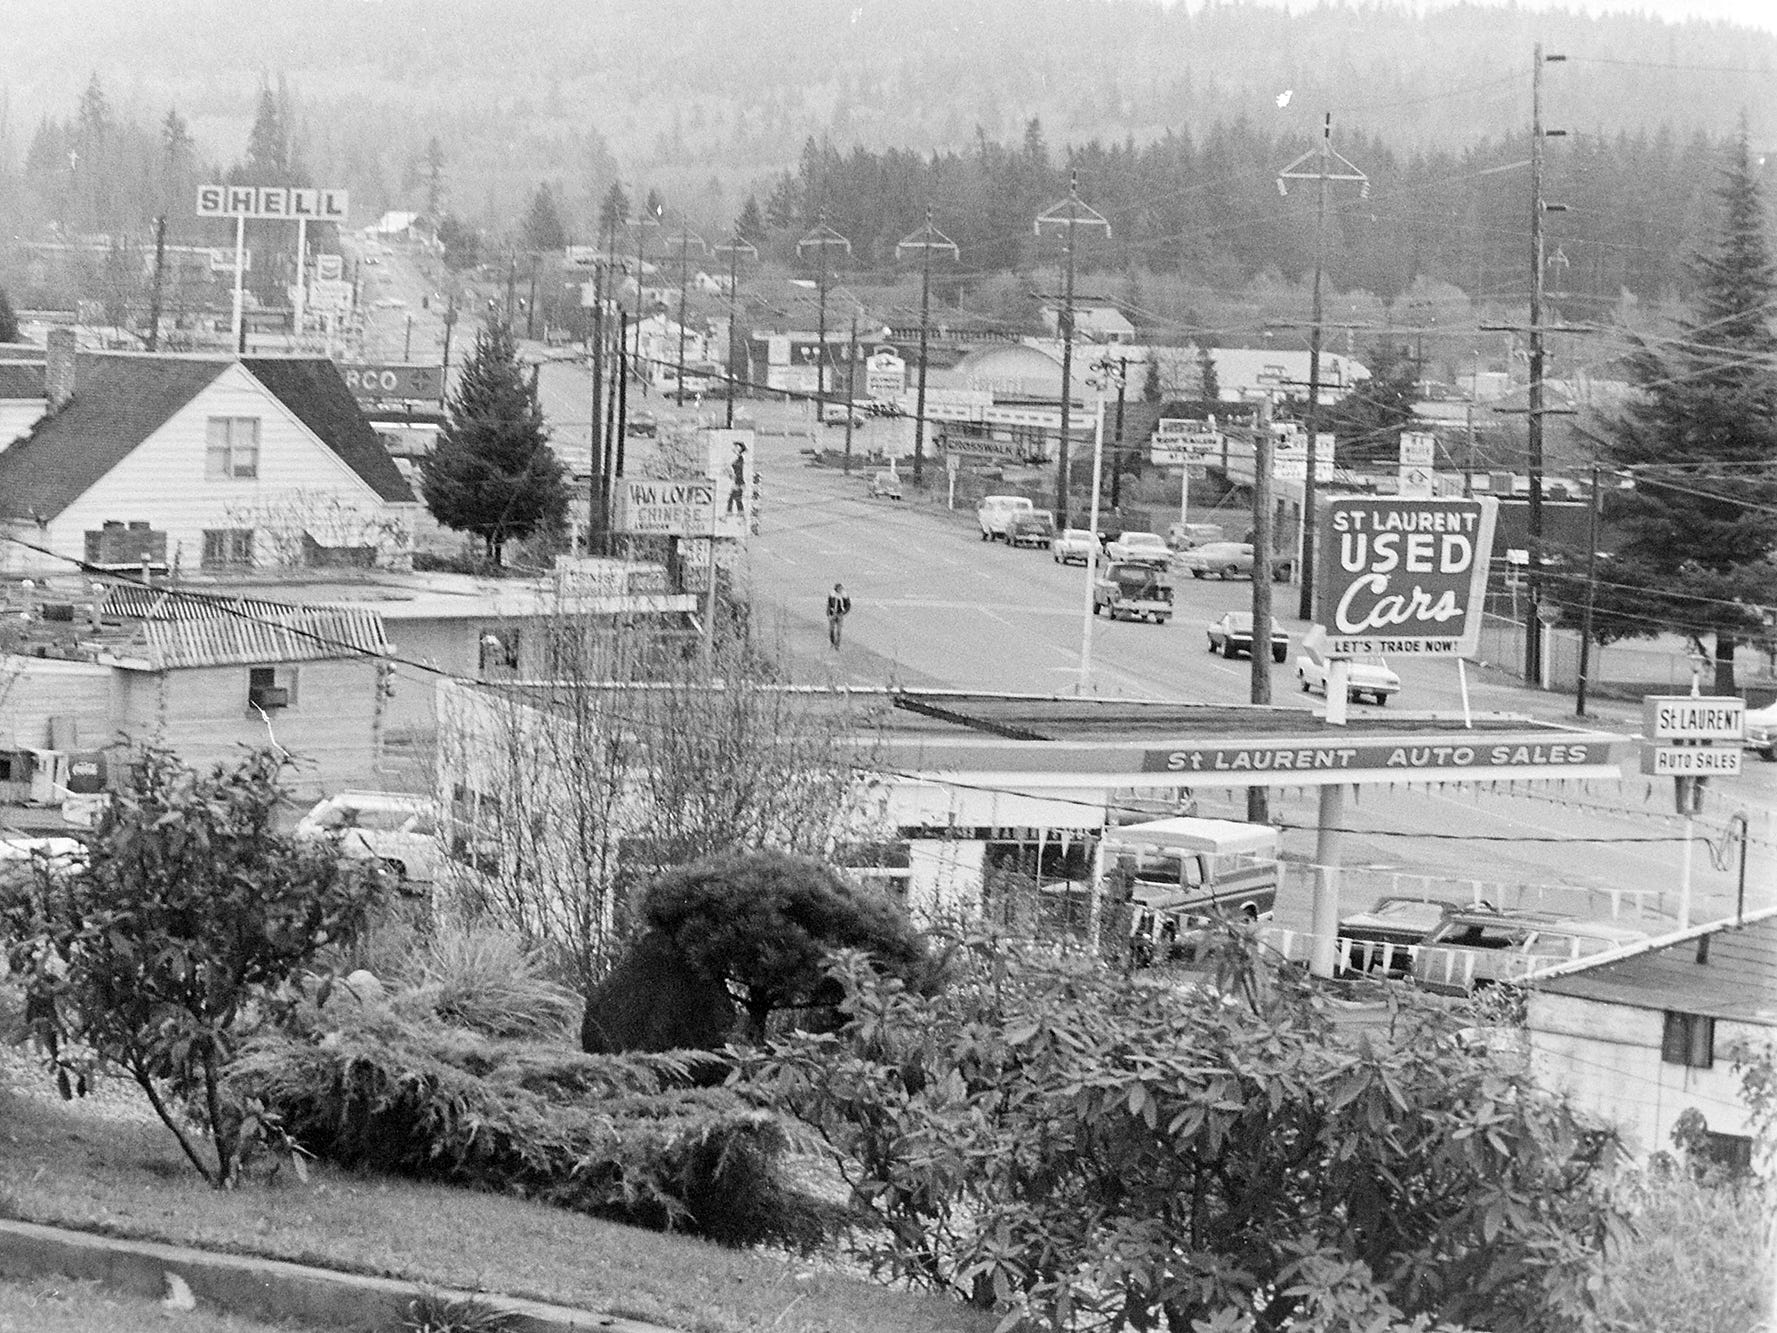 11/21/73 Silverdale Poulsbo